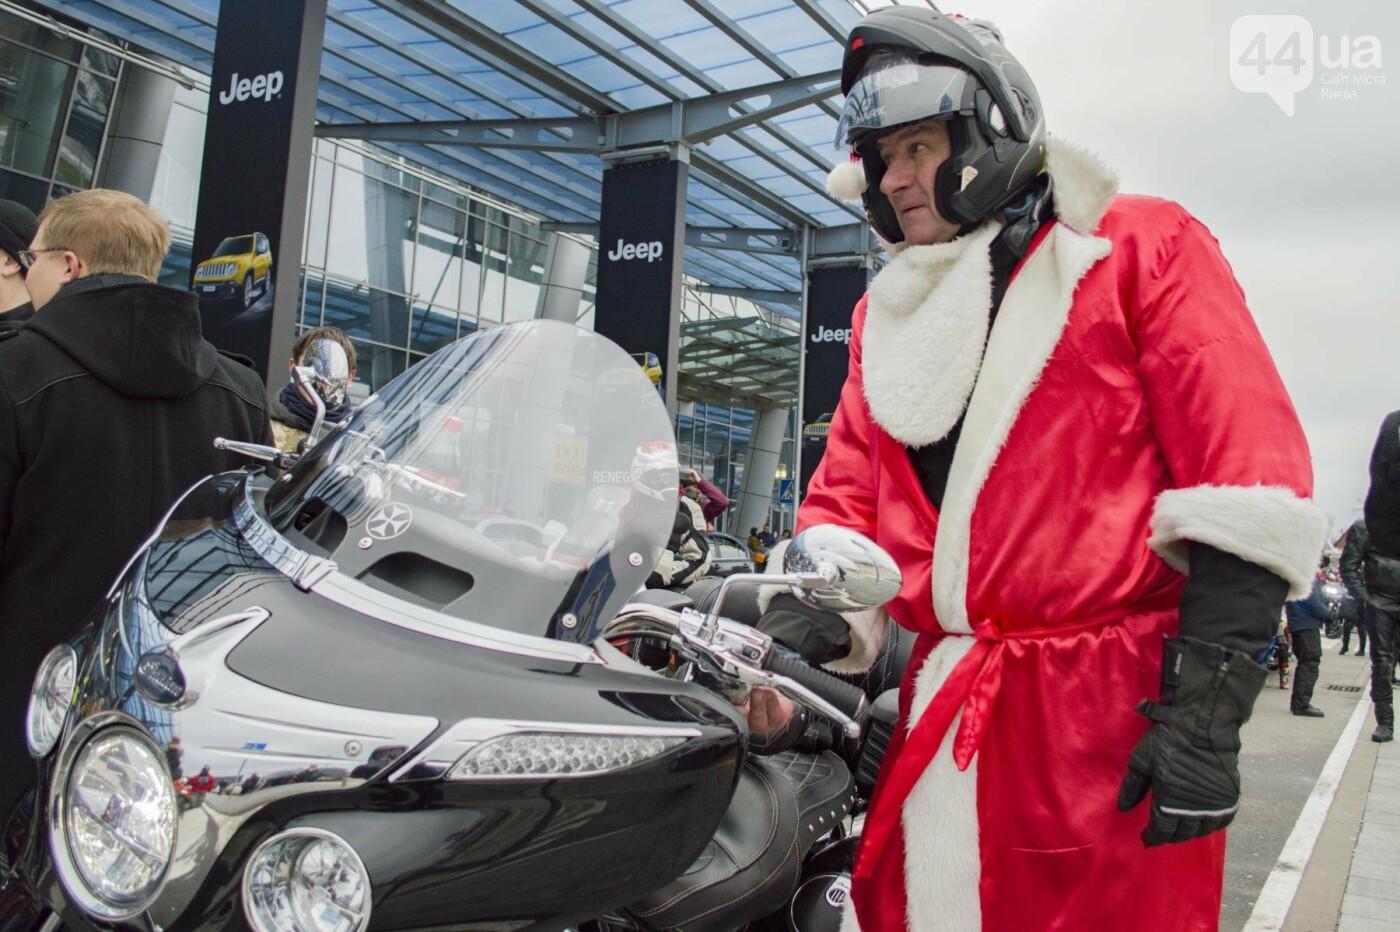 В Киеве брутальные байкеры в костюмах Санта-Клаусов устроили масштабный мотопробег (ФОТО), фото-5